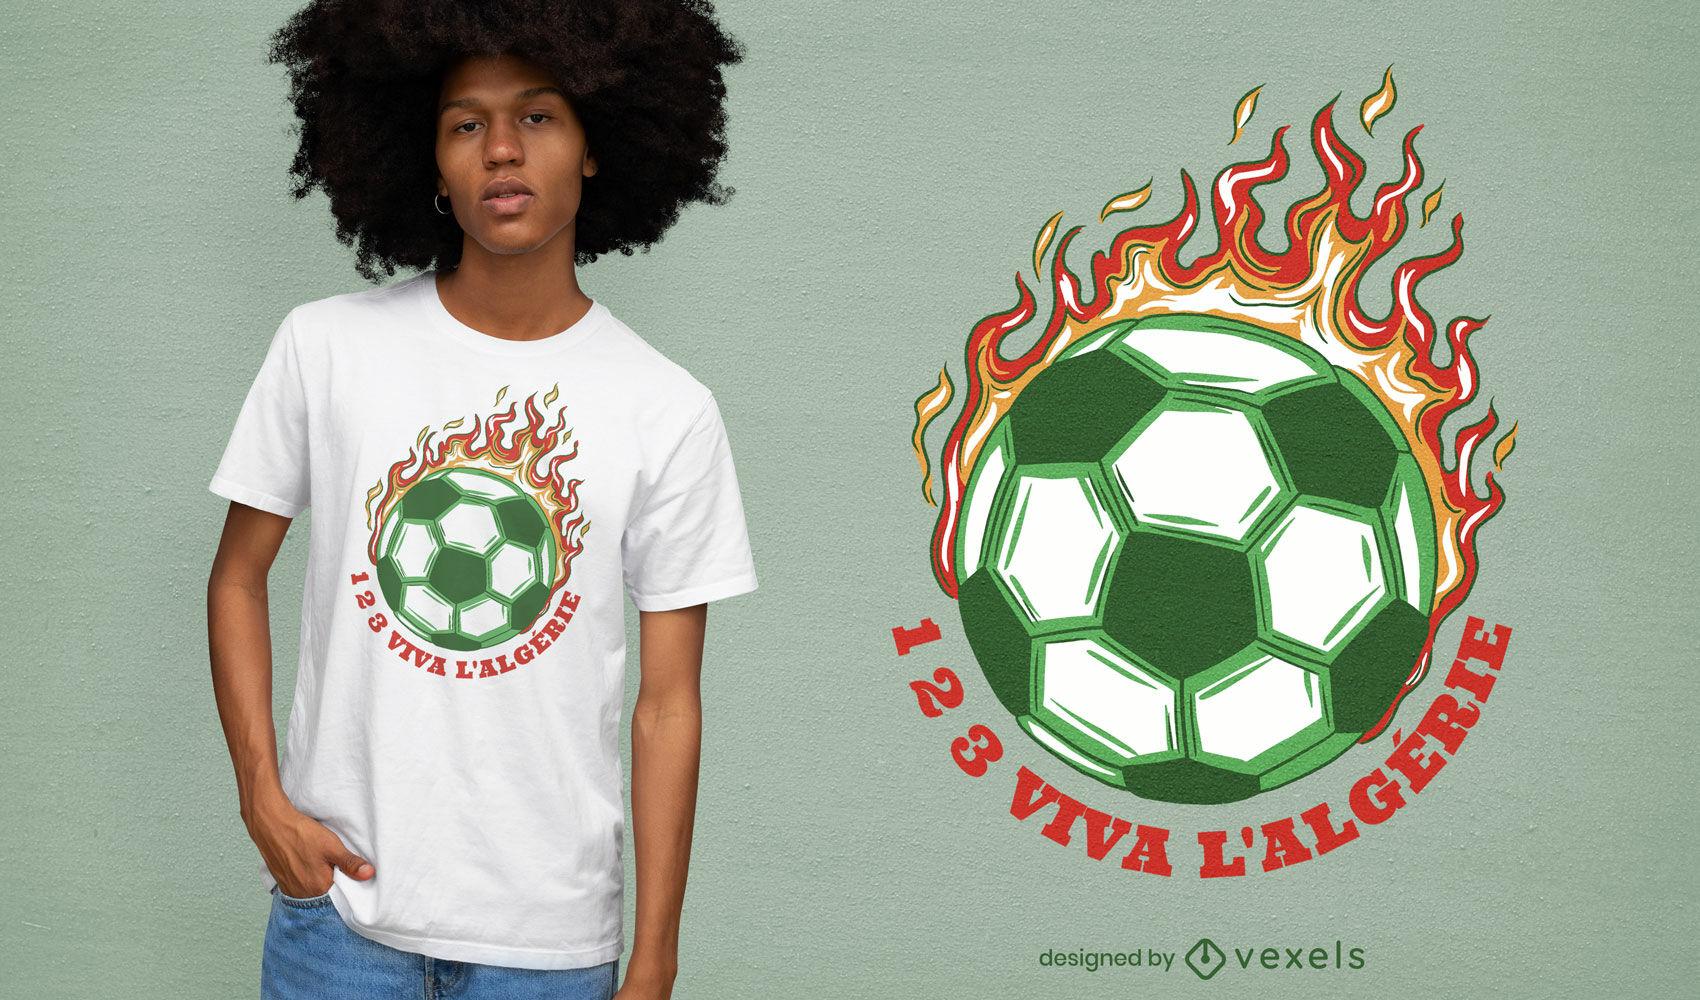 SOLICITAR Impresionante diseño de camiseta de fútbol